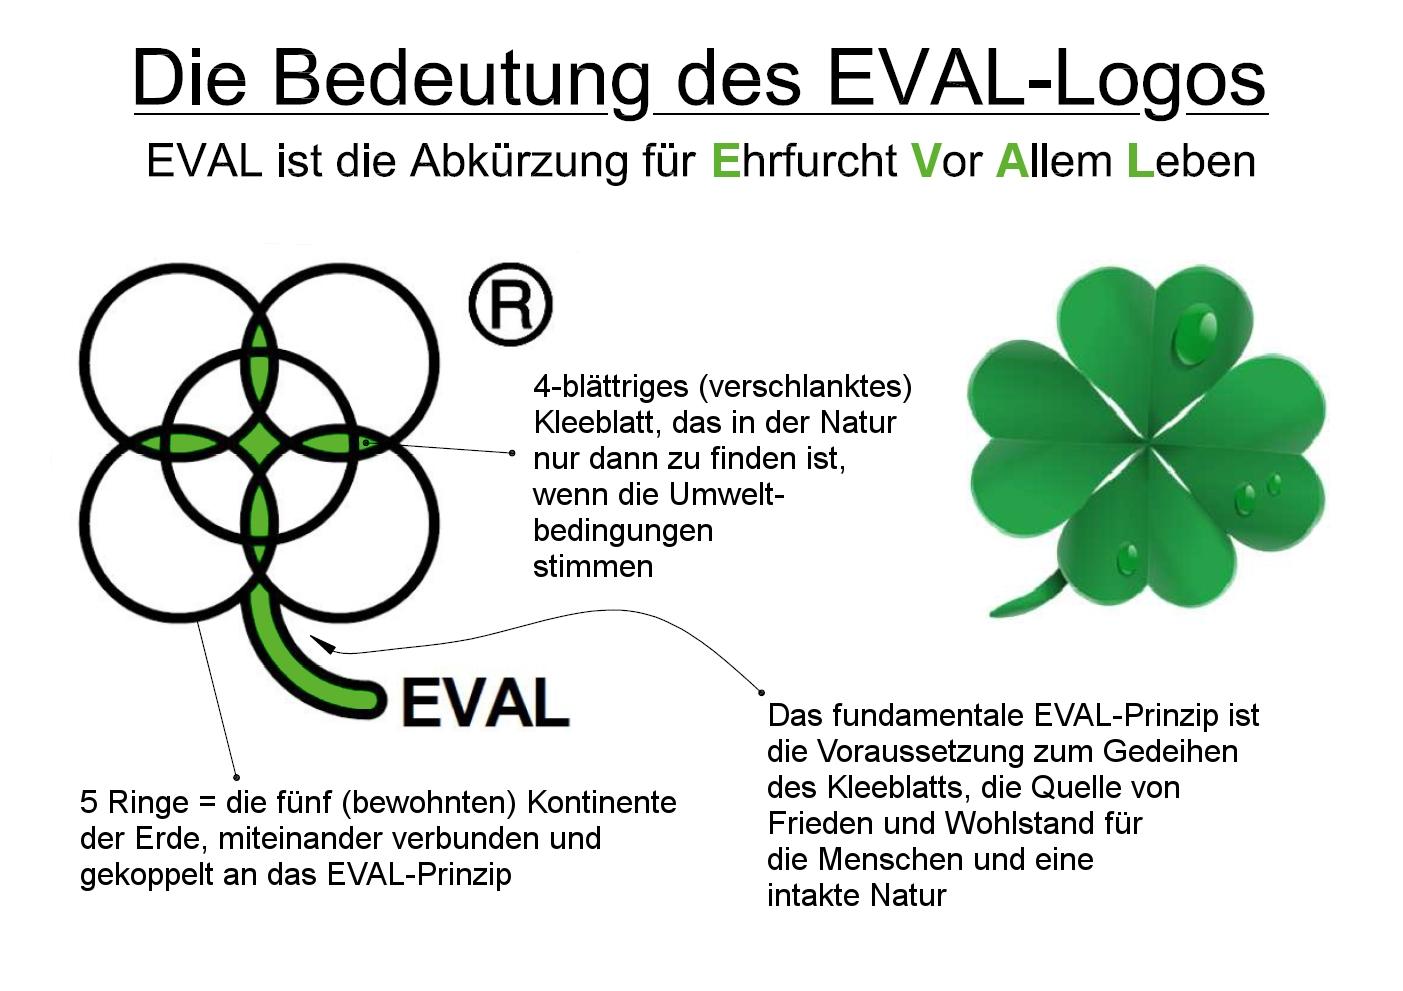 Die Bedeutung des EVAL-Logos_06032014